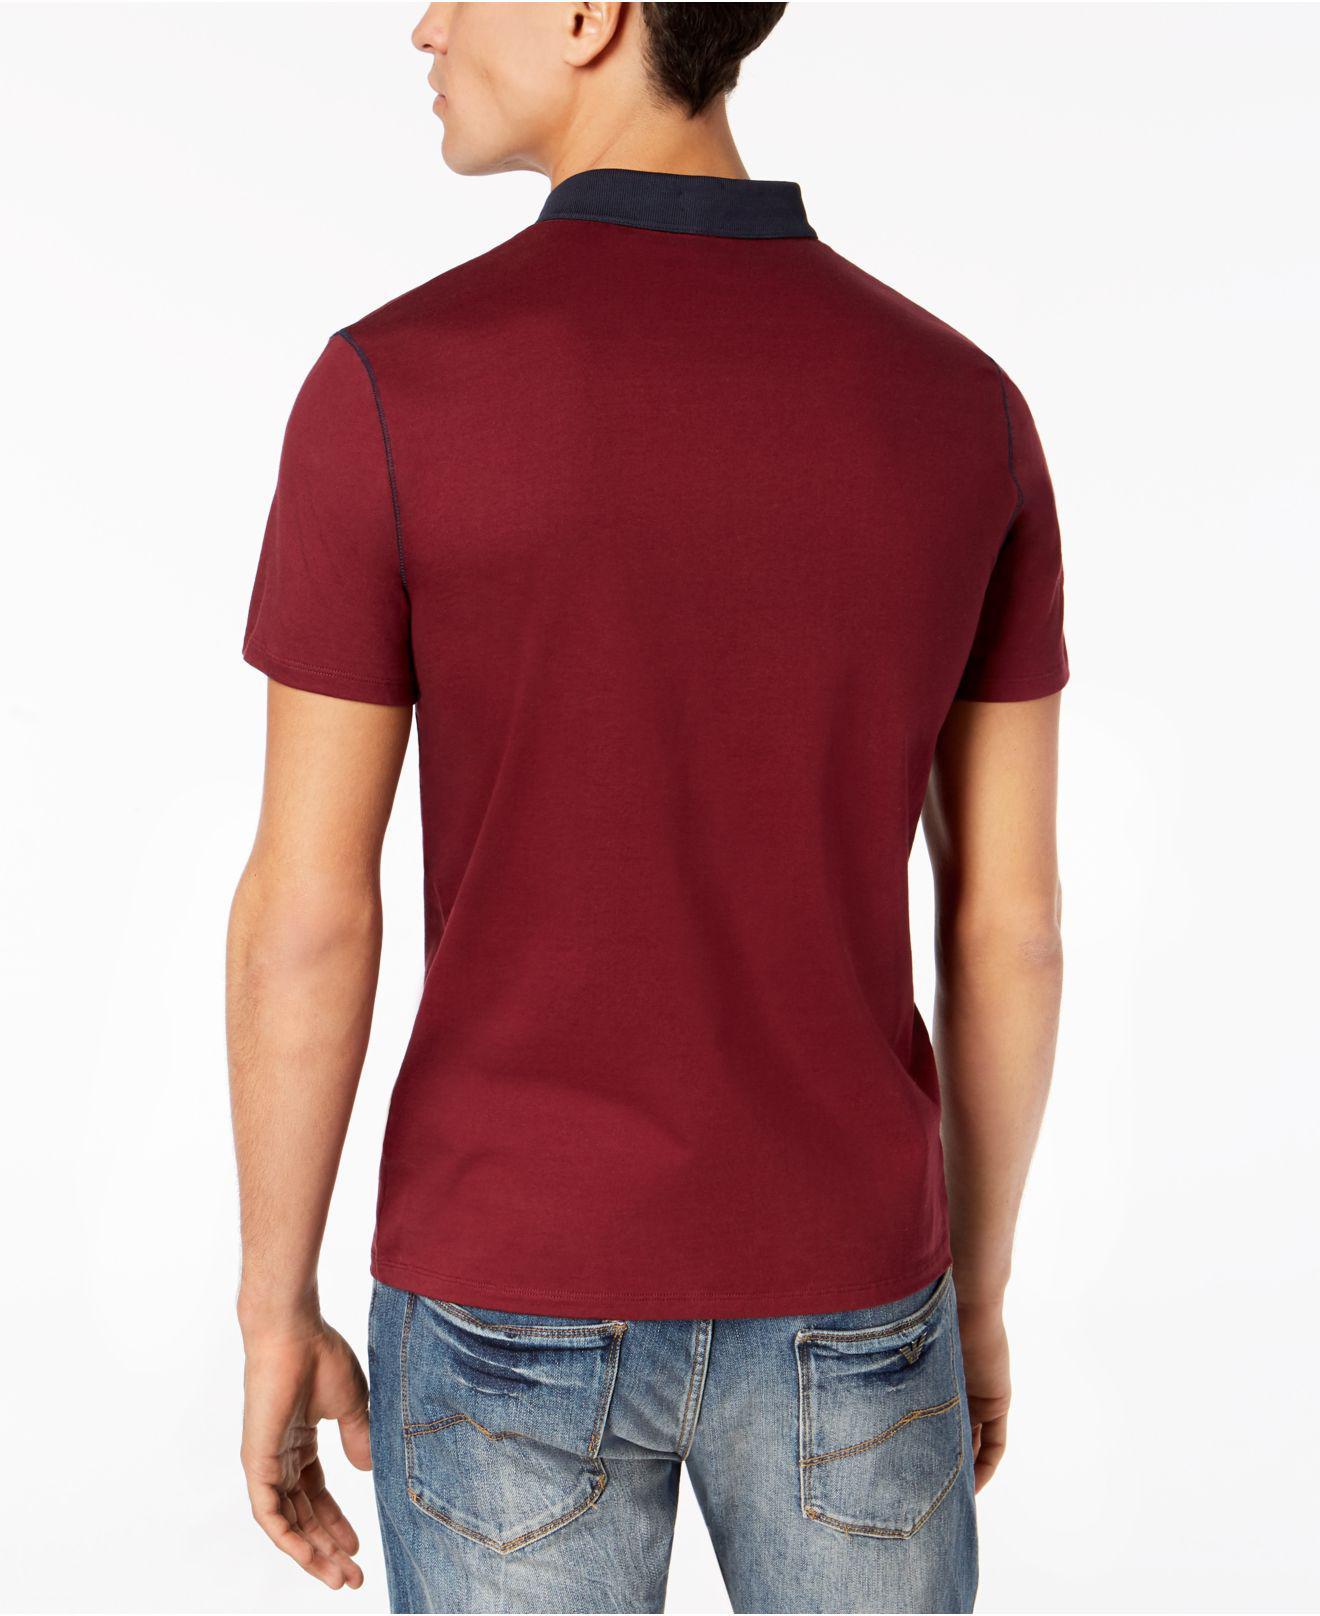 6aa196f0 Armani Exchange Polo Shirt Uk